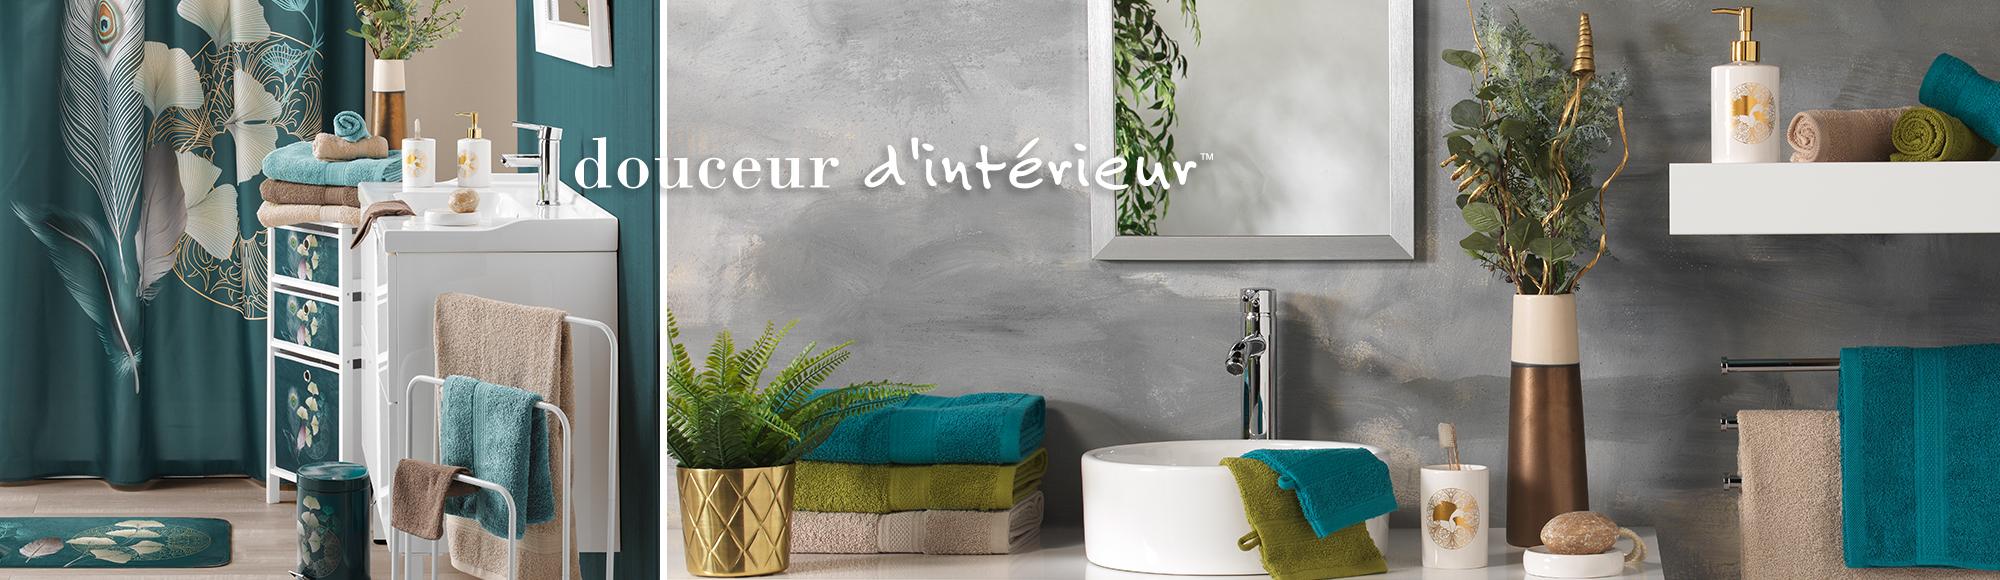 U10 - Fournisseur en décoration d'intérieur - marque douceur d'intérieur - salle de bain - ginkoblue